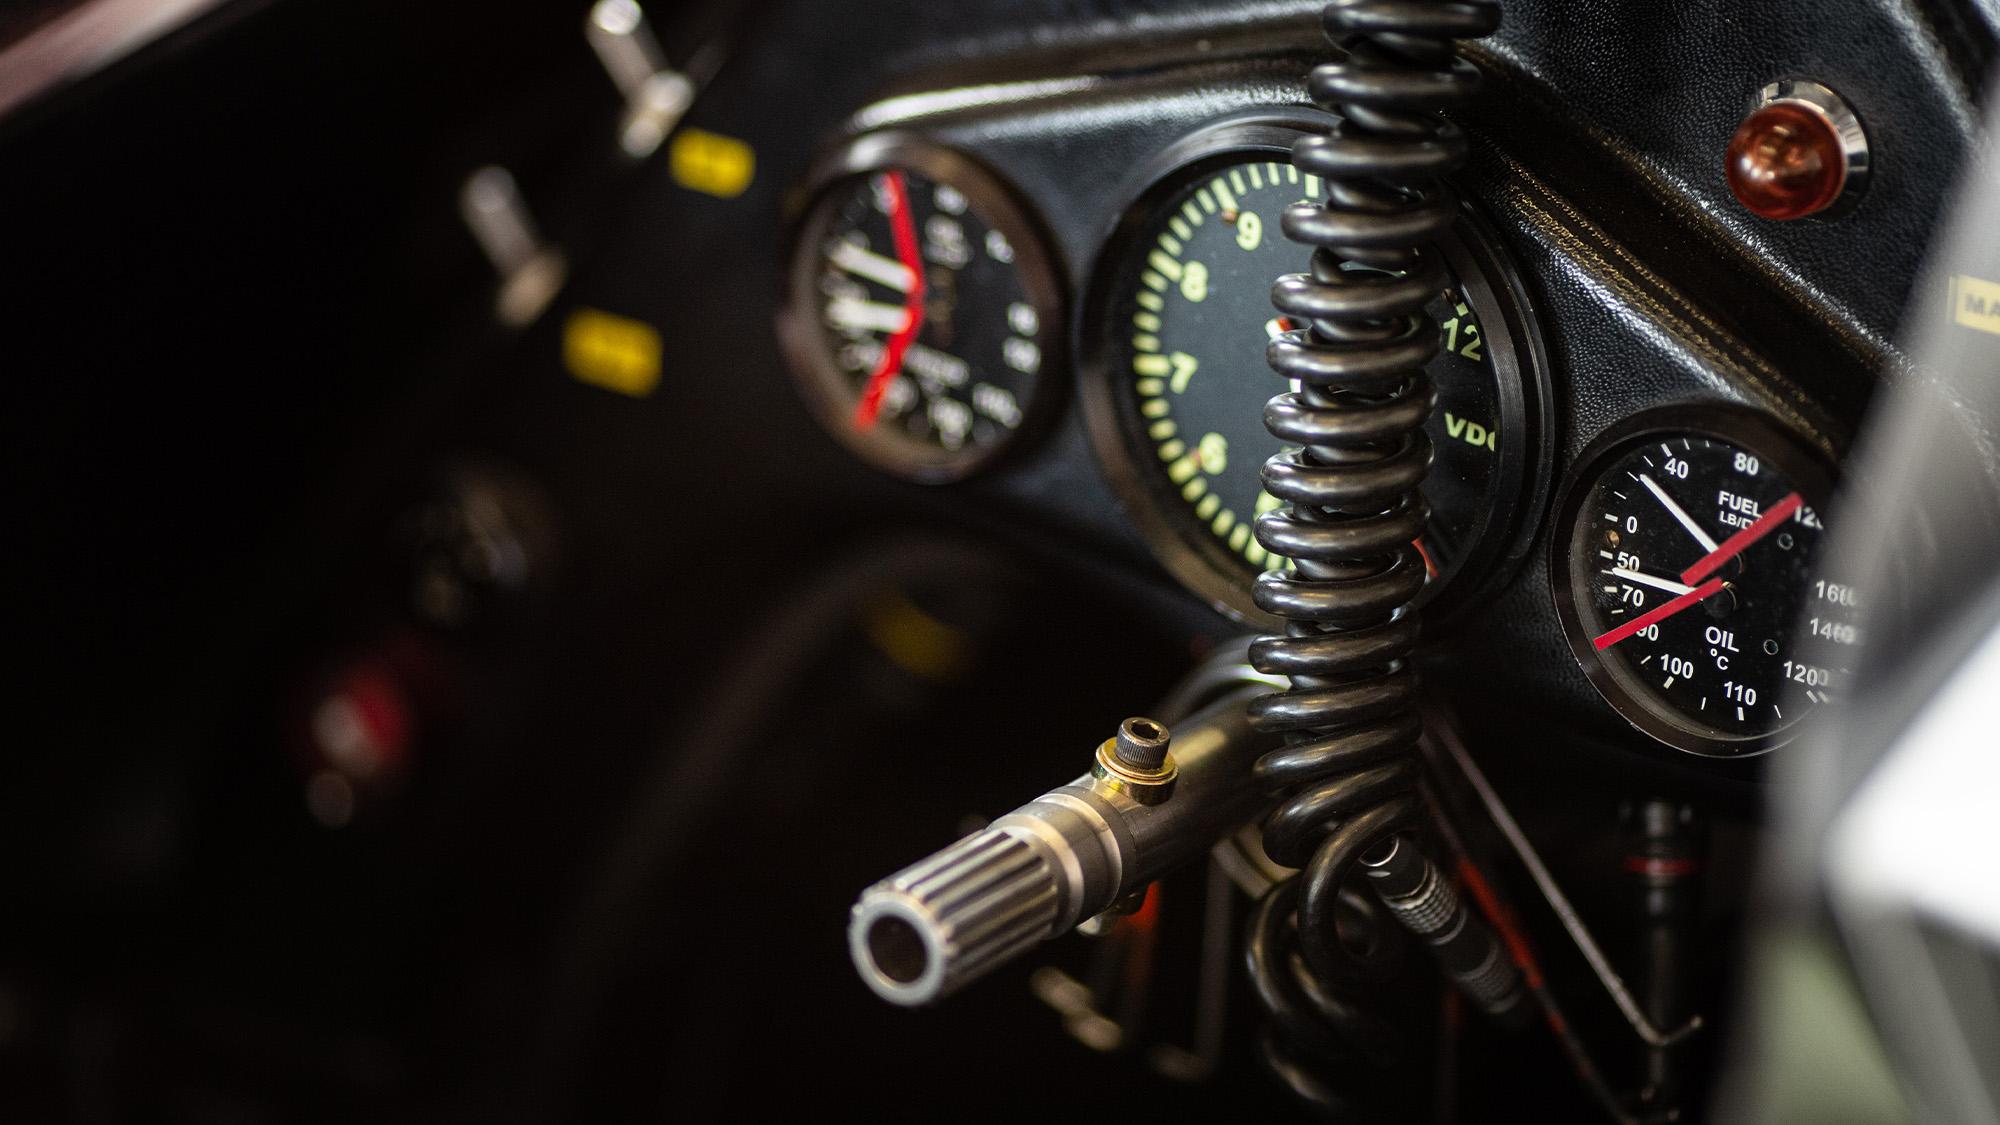 Steve Hartley McLaren MP4-1 at Brands Hatch 2021 dials